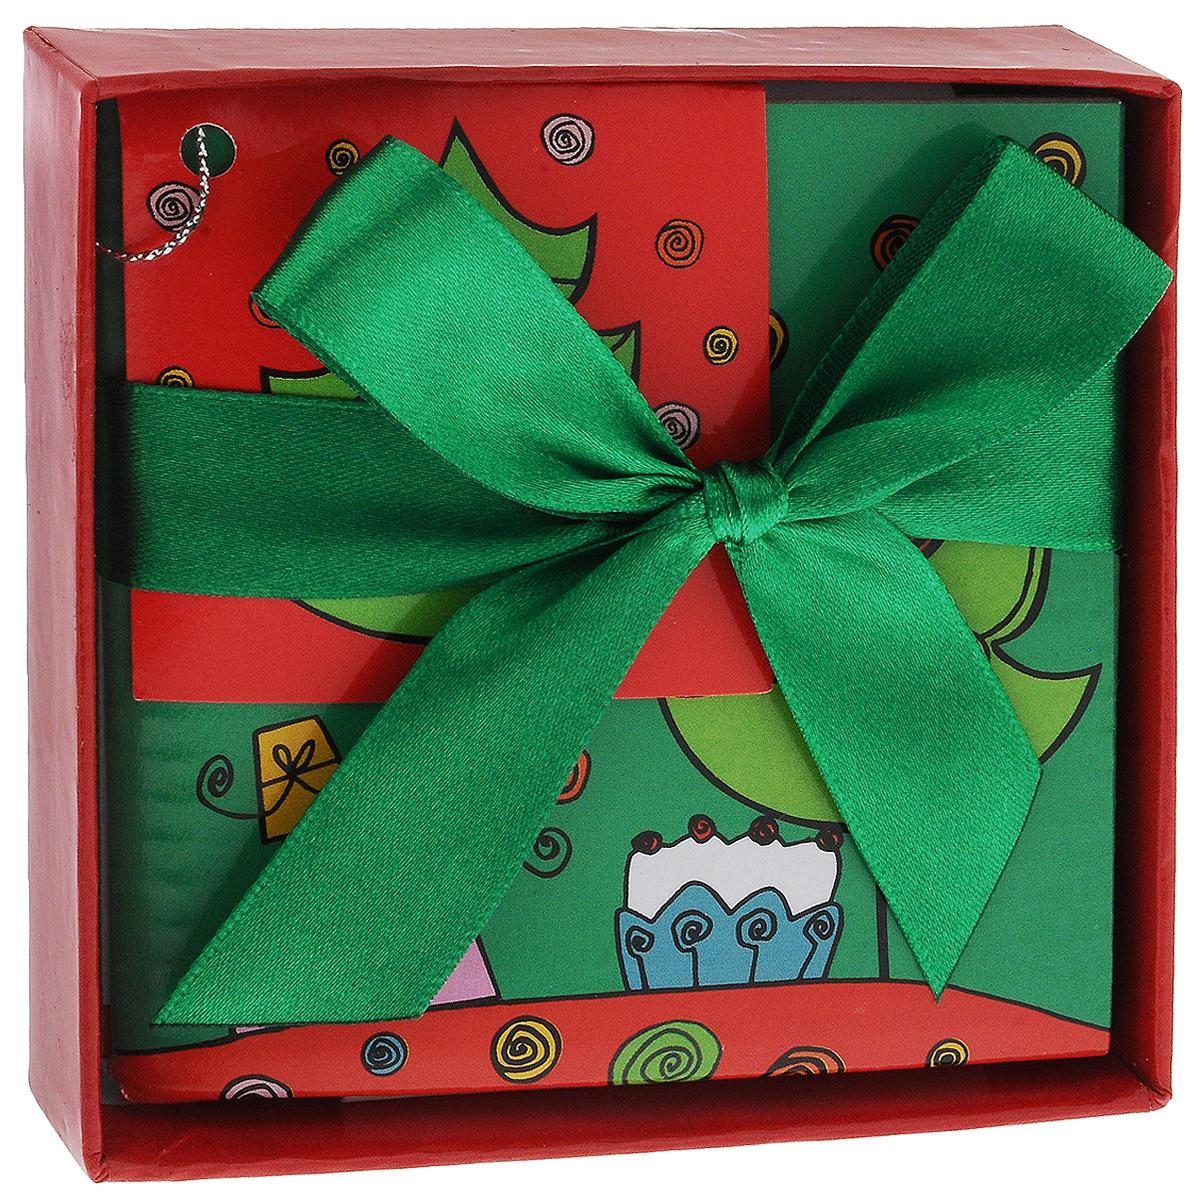 Коробка подарочная Winter Wings, раскладная, 10 х 10 х 10 смN14060/103Раскладная подарочная коробка Winter Wings выполнена из прочного картона. Изделие оформлено новогодним рисунком. Подарочная коробка - это наилучшее решение, если вы хотите порадовать ваших близких и создать праздничное настроение, ведь подарок, преподнесенный в оригинальной упаковке, всегда будет самым эффектным и запоминающимся. Окружите близких людей вниманием и заботой, вручив презент в нарядном, праздничном оформлении.